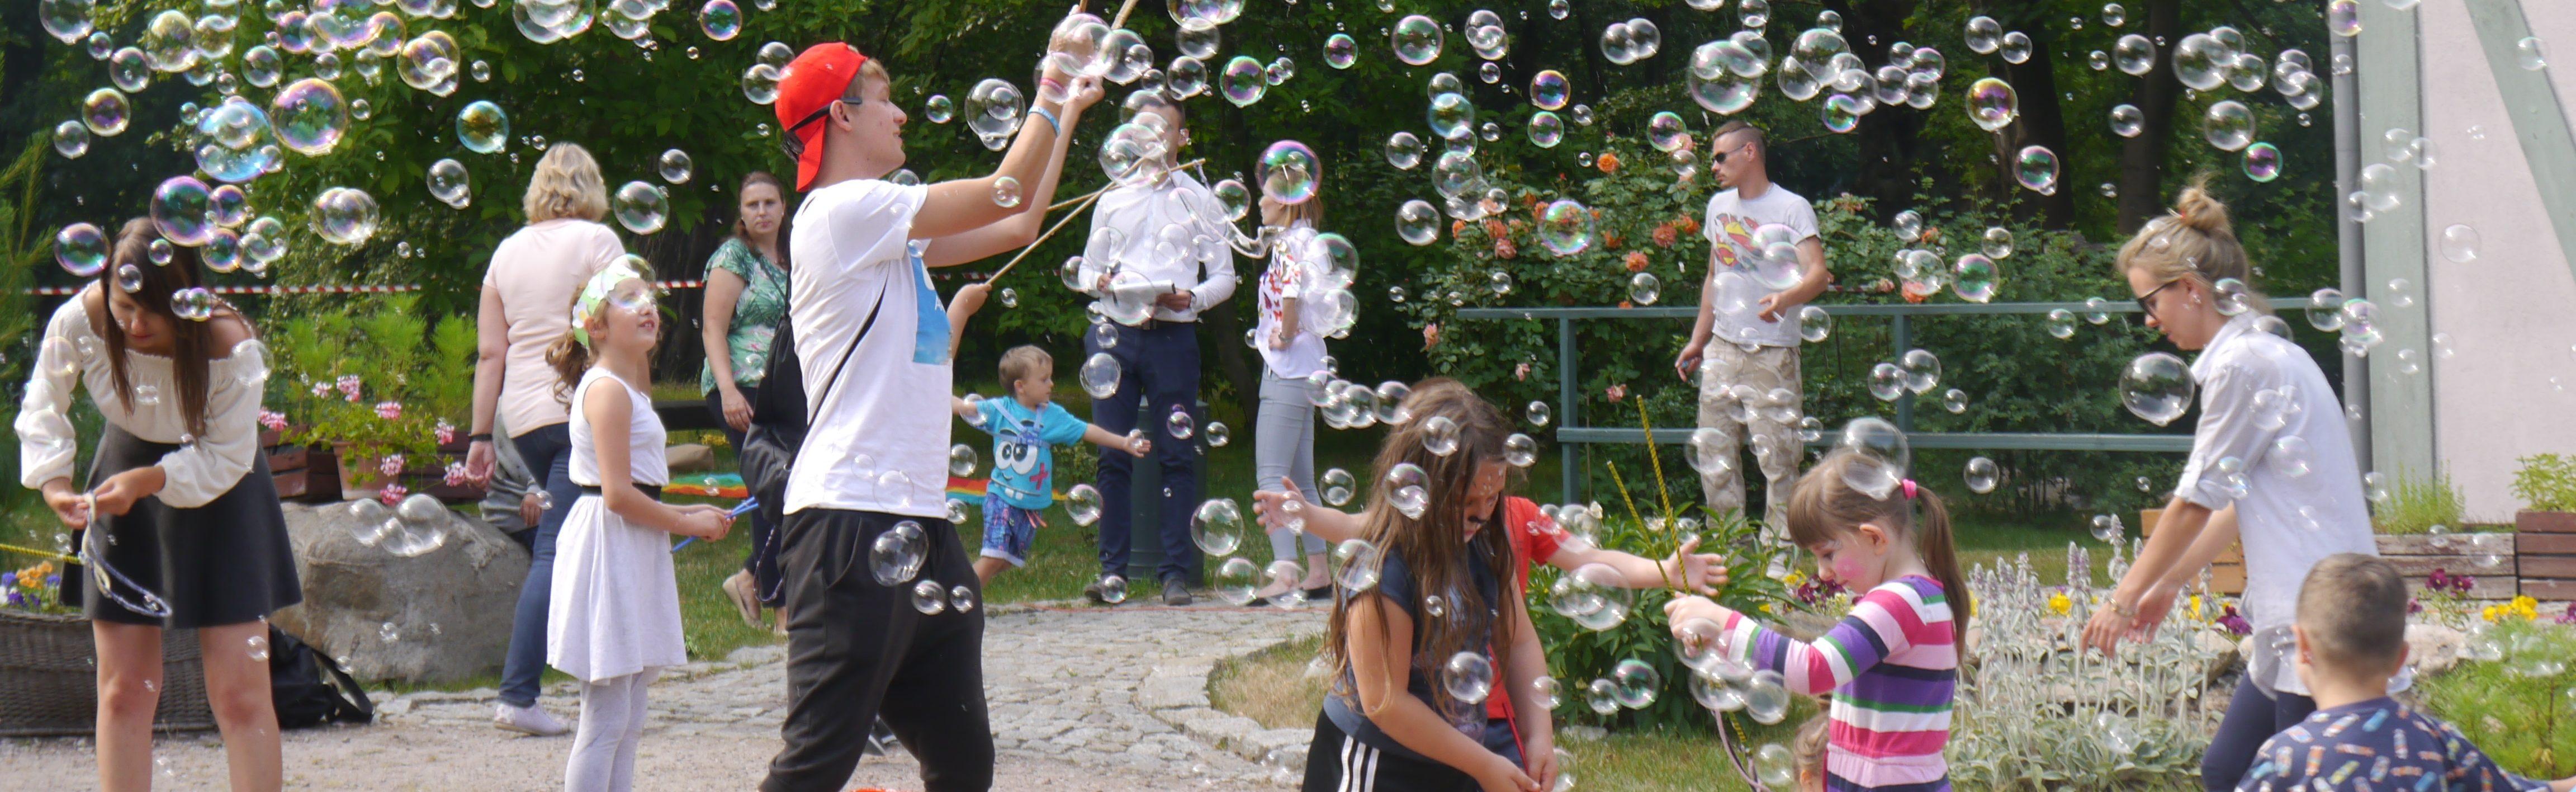 Grupa osób wraz z dziećmi puszcza duże bańki mydlane